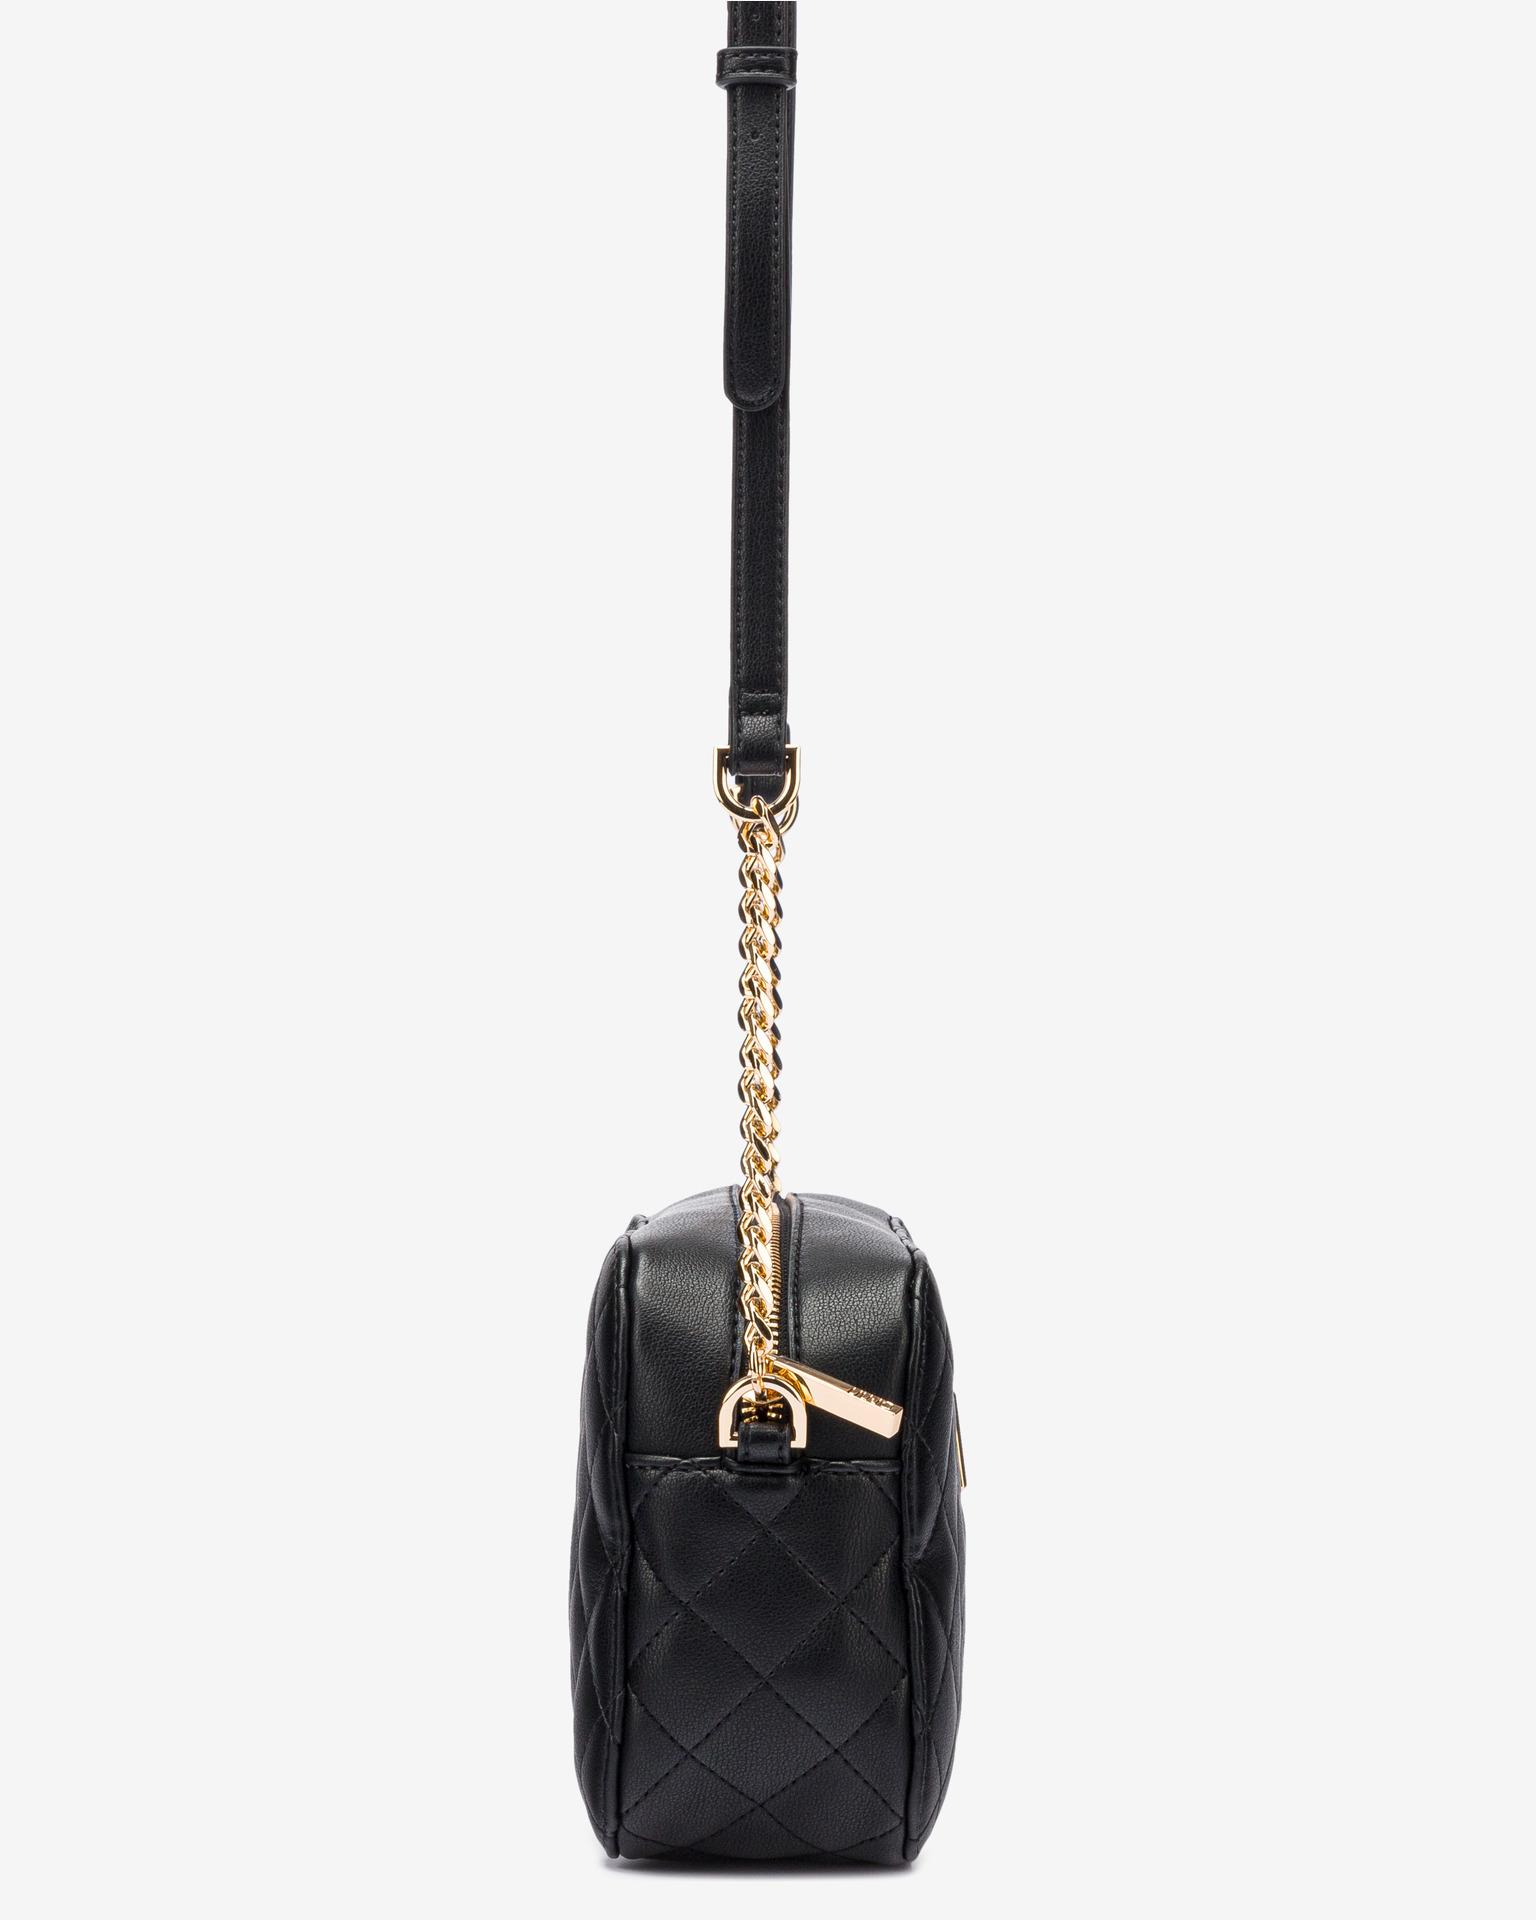 Liu Jo black crossbody bag